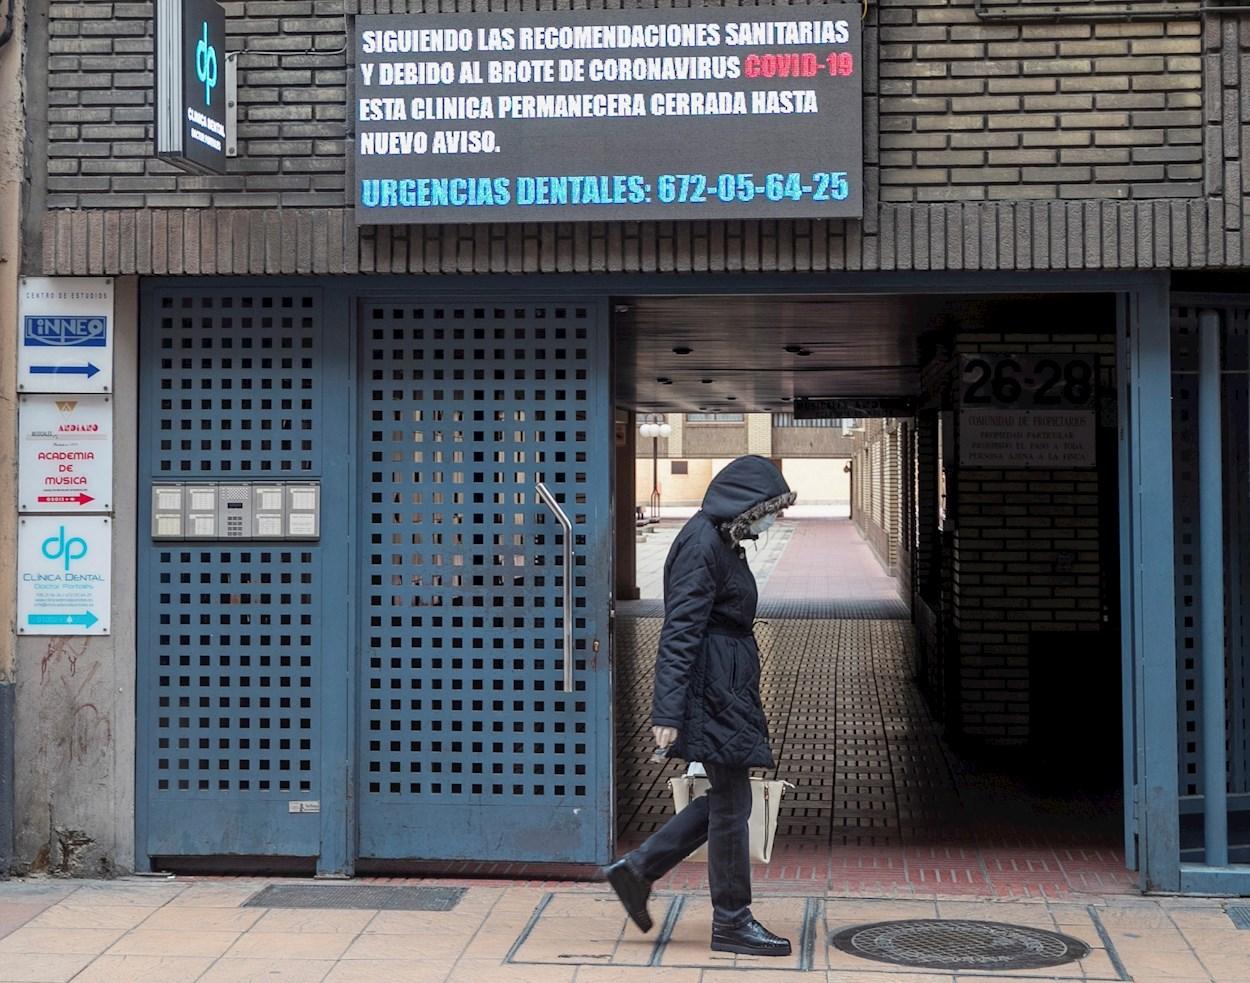 Una mujer camina ante una clínica dental que informa de su cierre debido al coronavirus, en Zaragoza. EFE/ Javier Cebollada